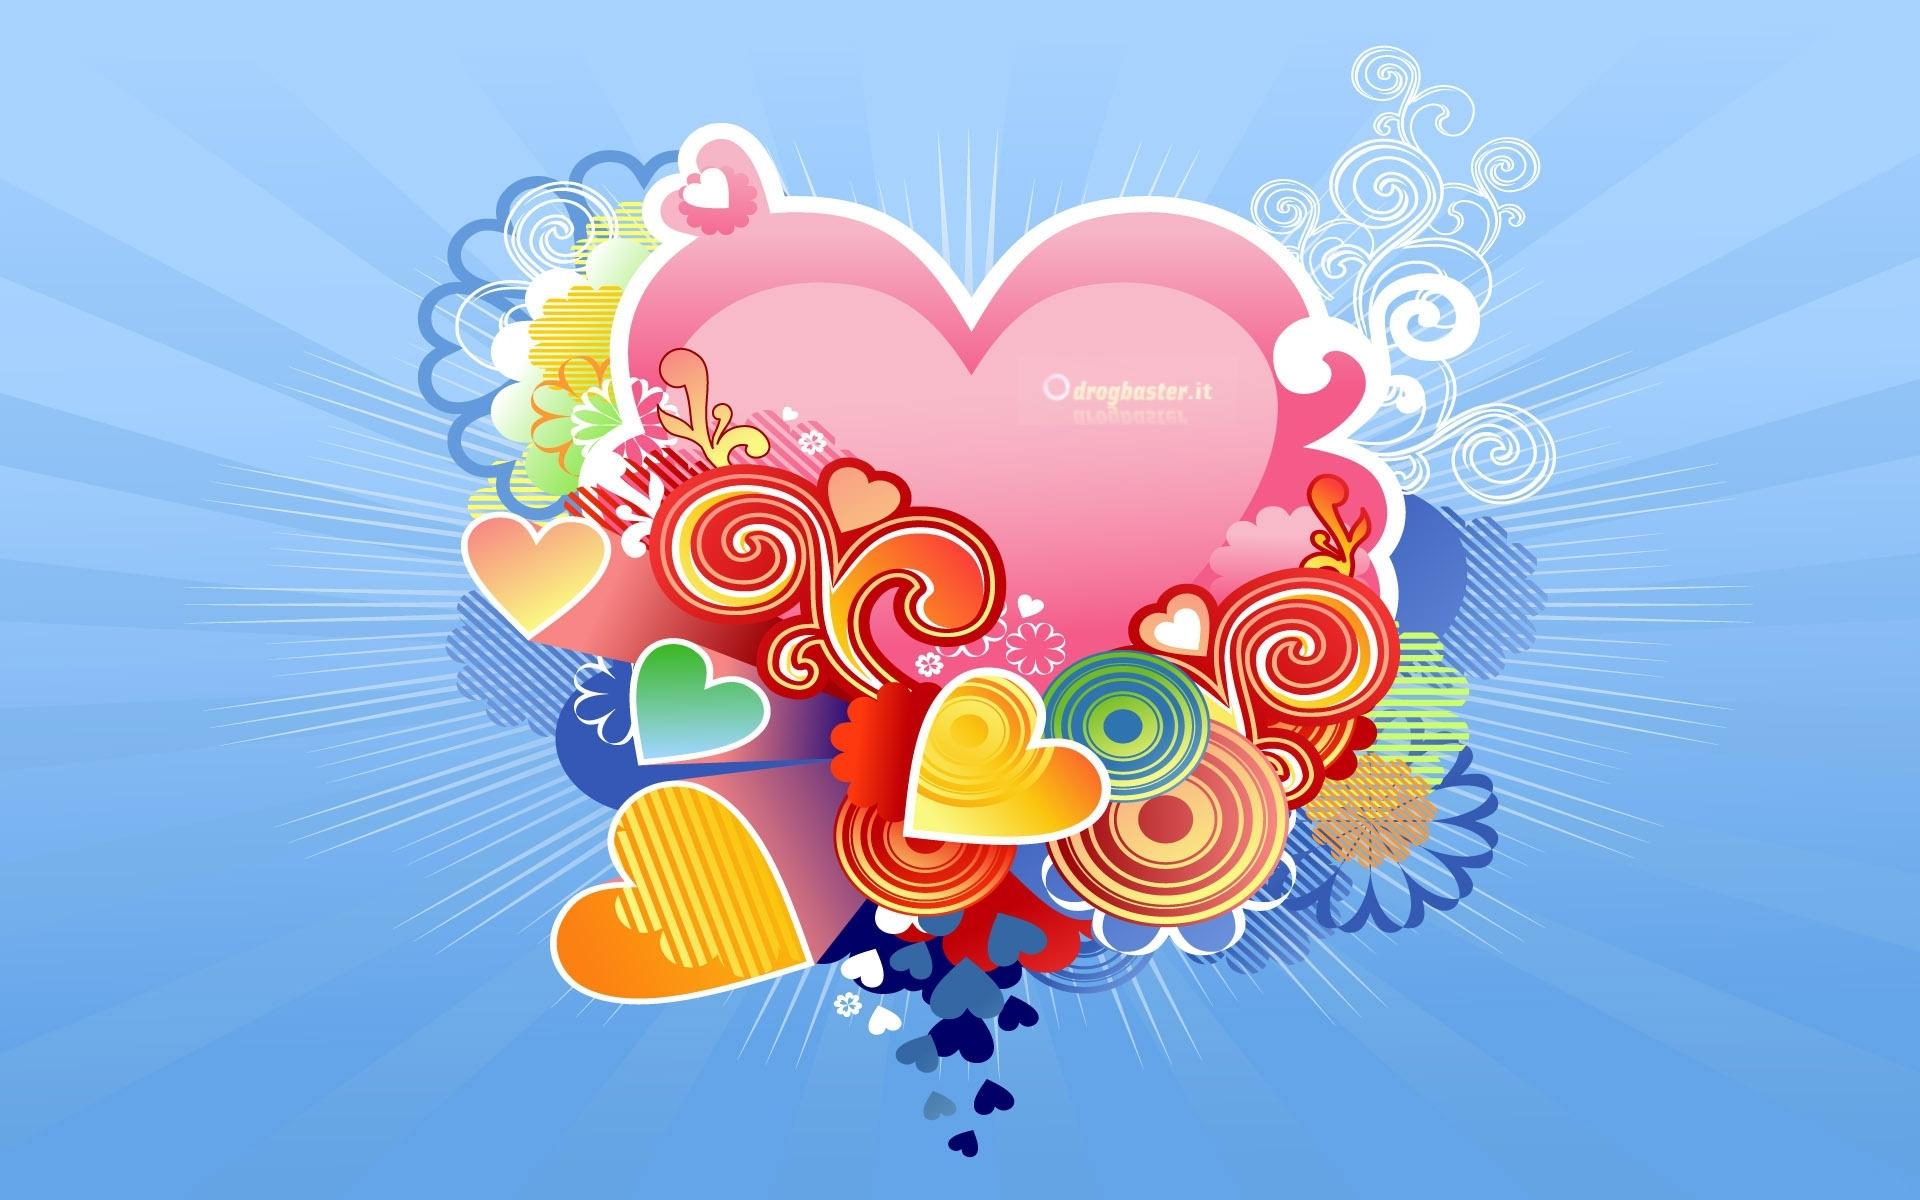 Sfondi e immagini San Valentino da scaricare gratis